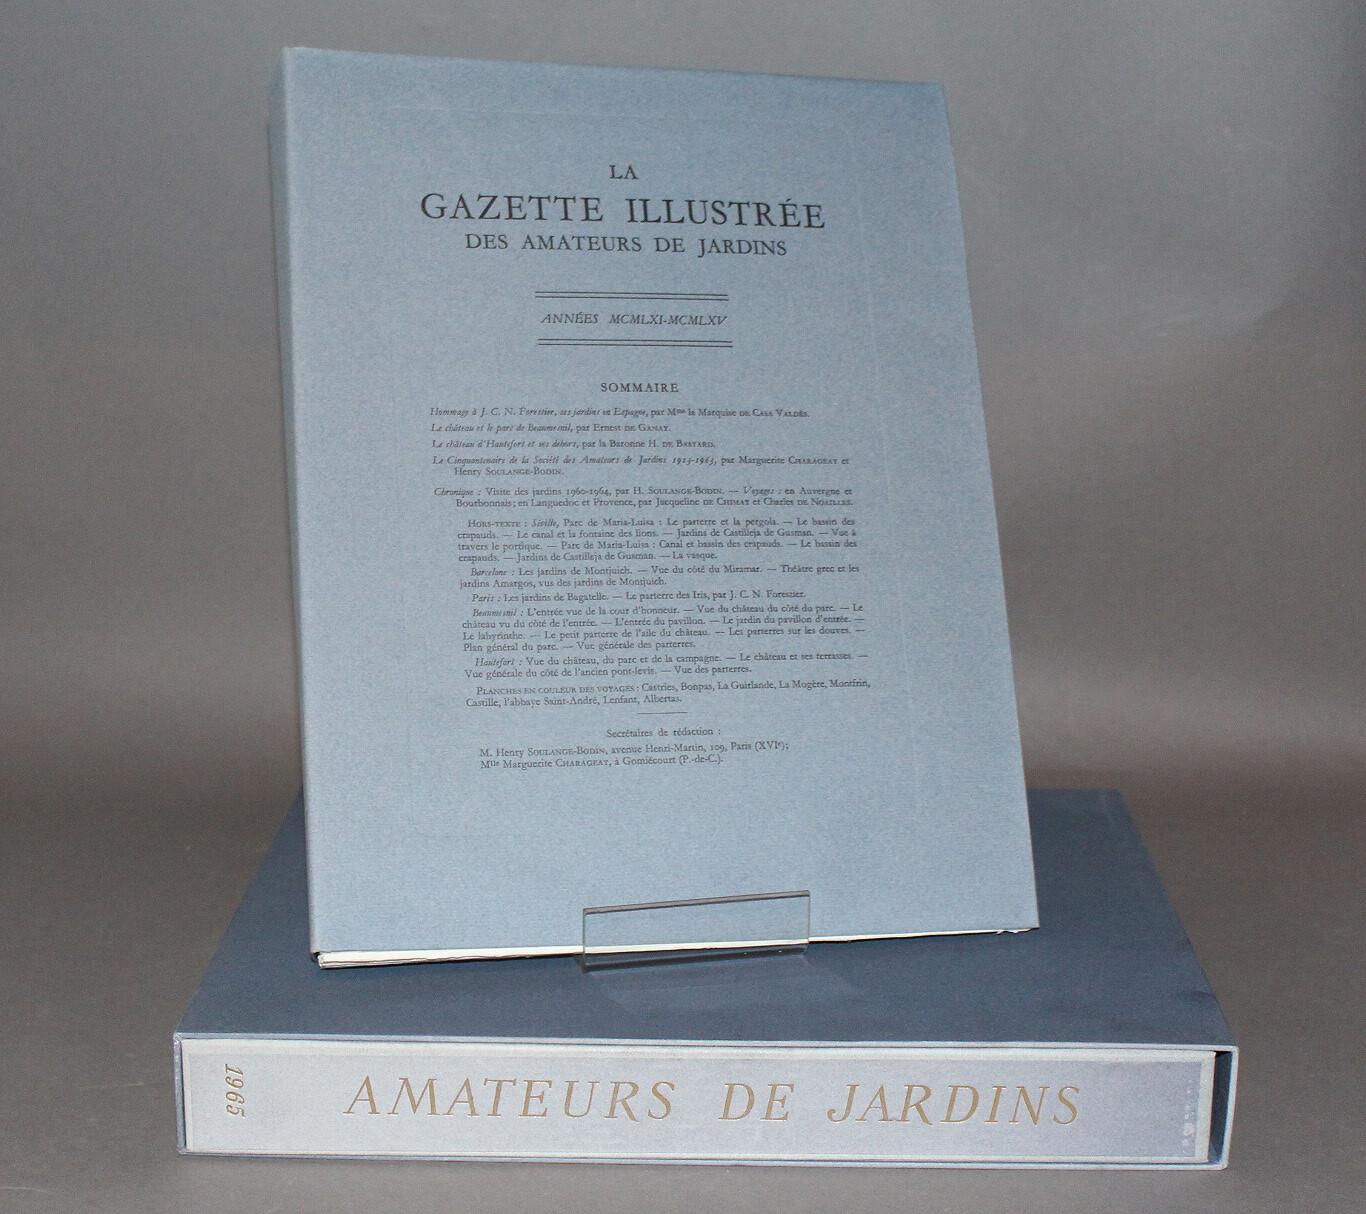 Gazette illustrée des Amateurs de Jardins. 1961-1965.